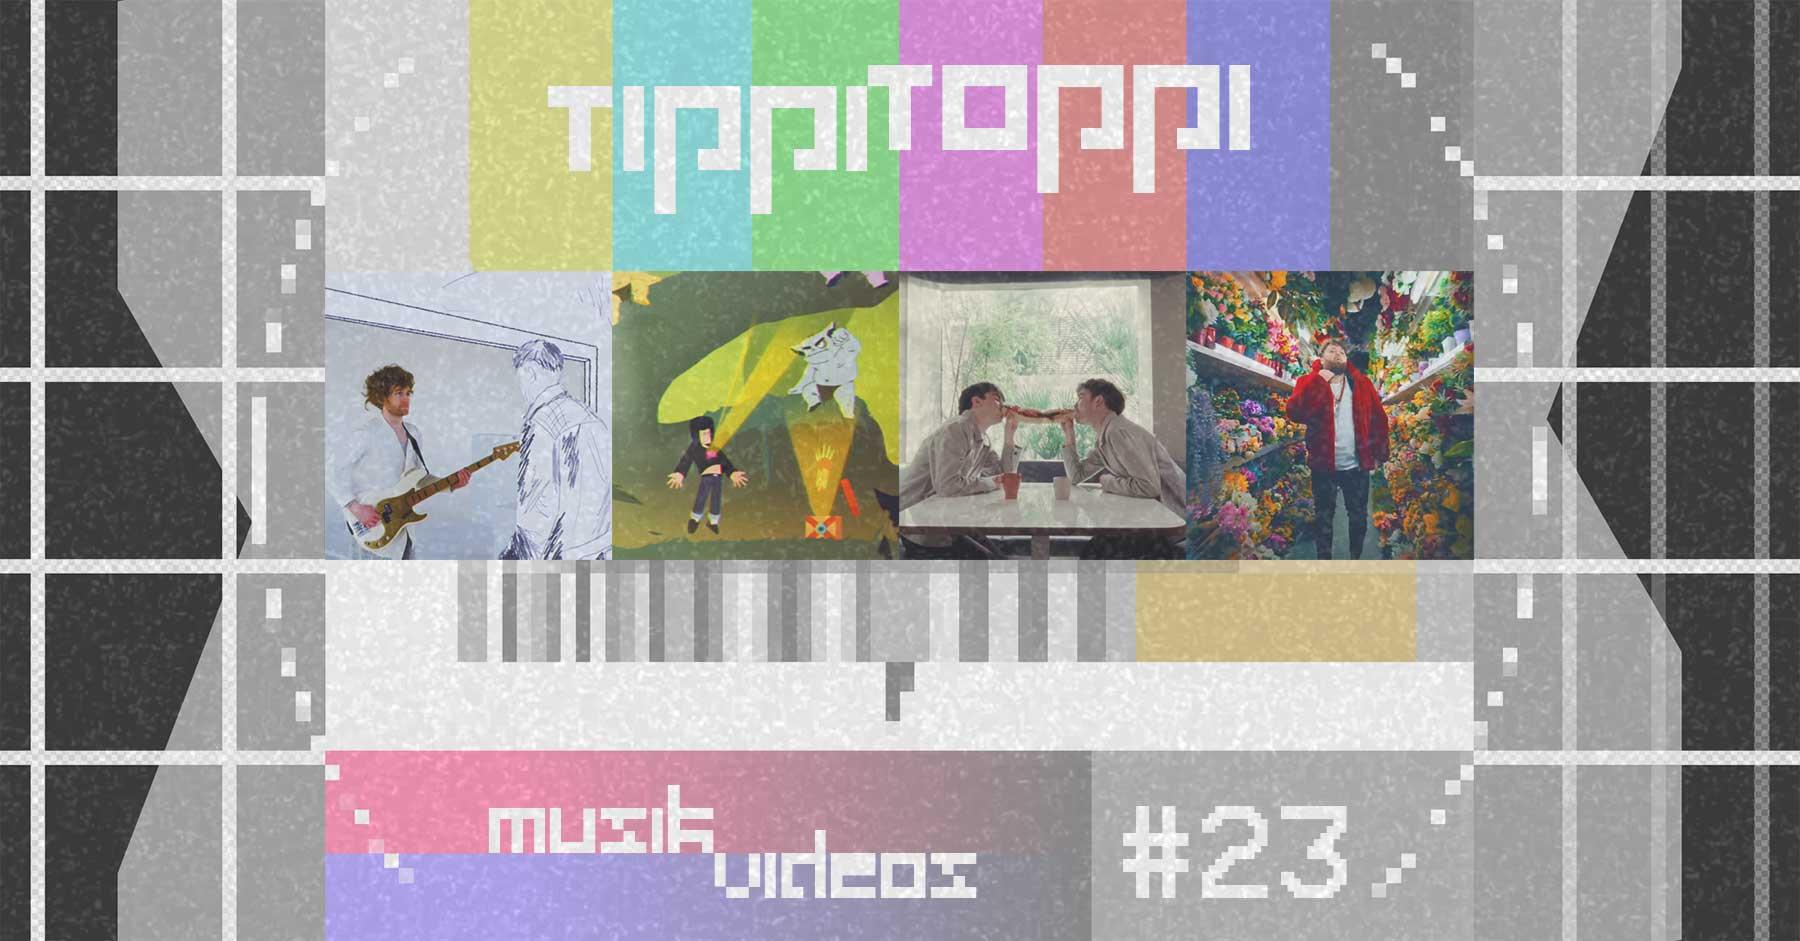 Tippi Toppi Musikvideos Vol. 23 TIPPITOPPI-musikvideos-23